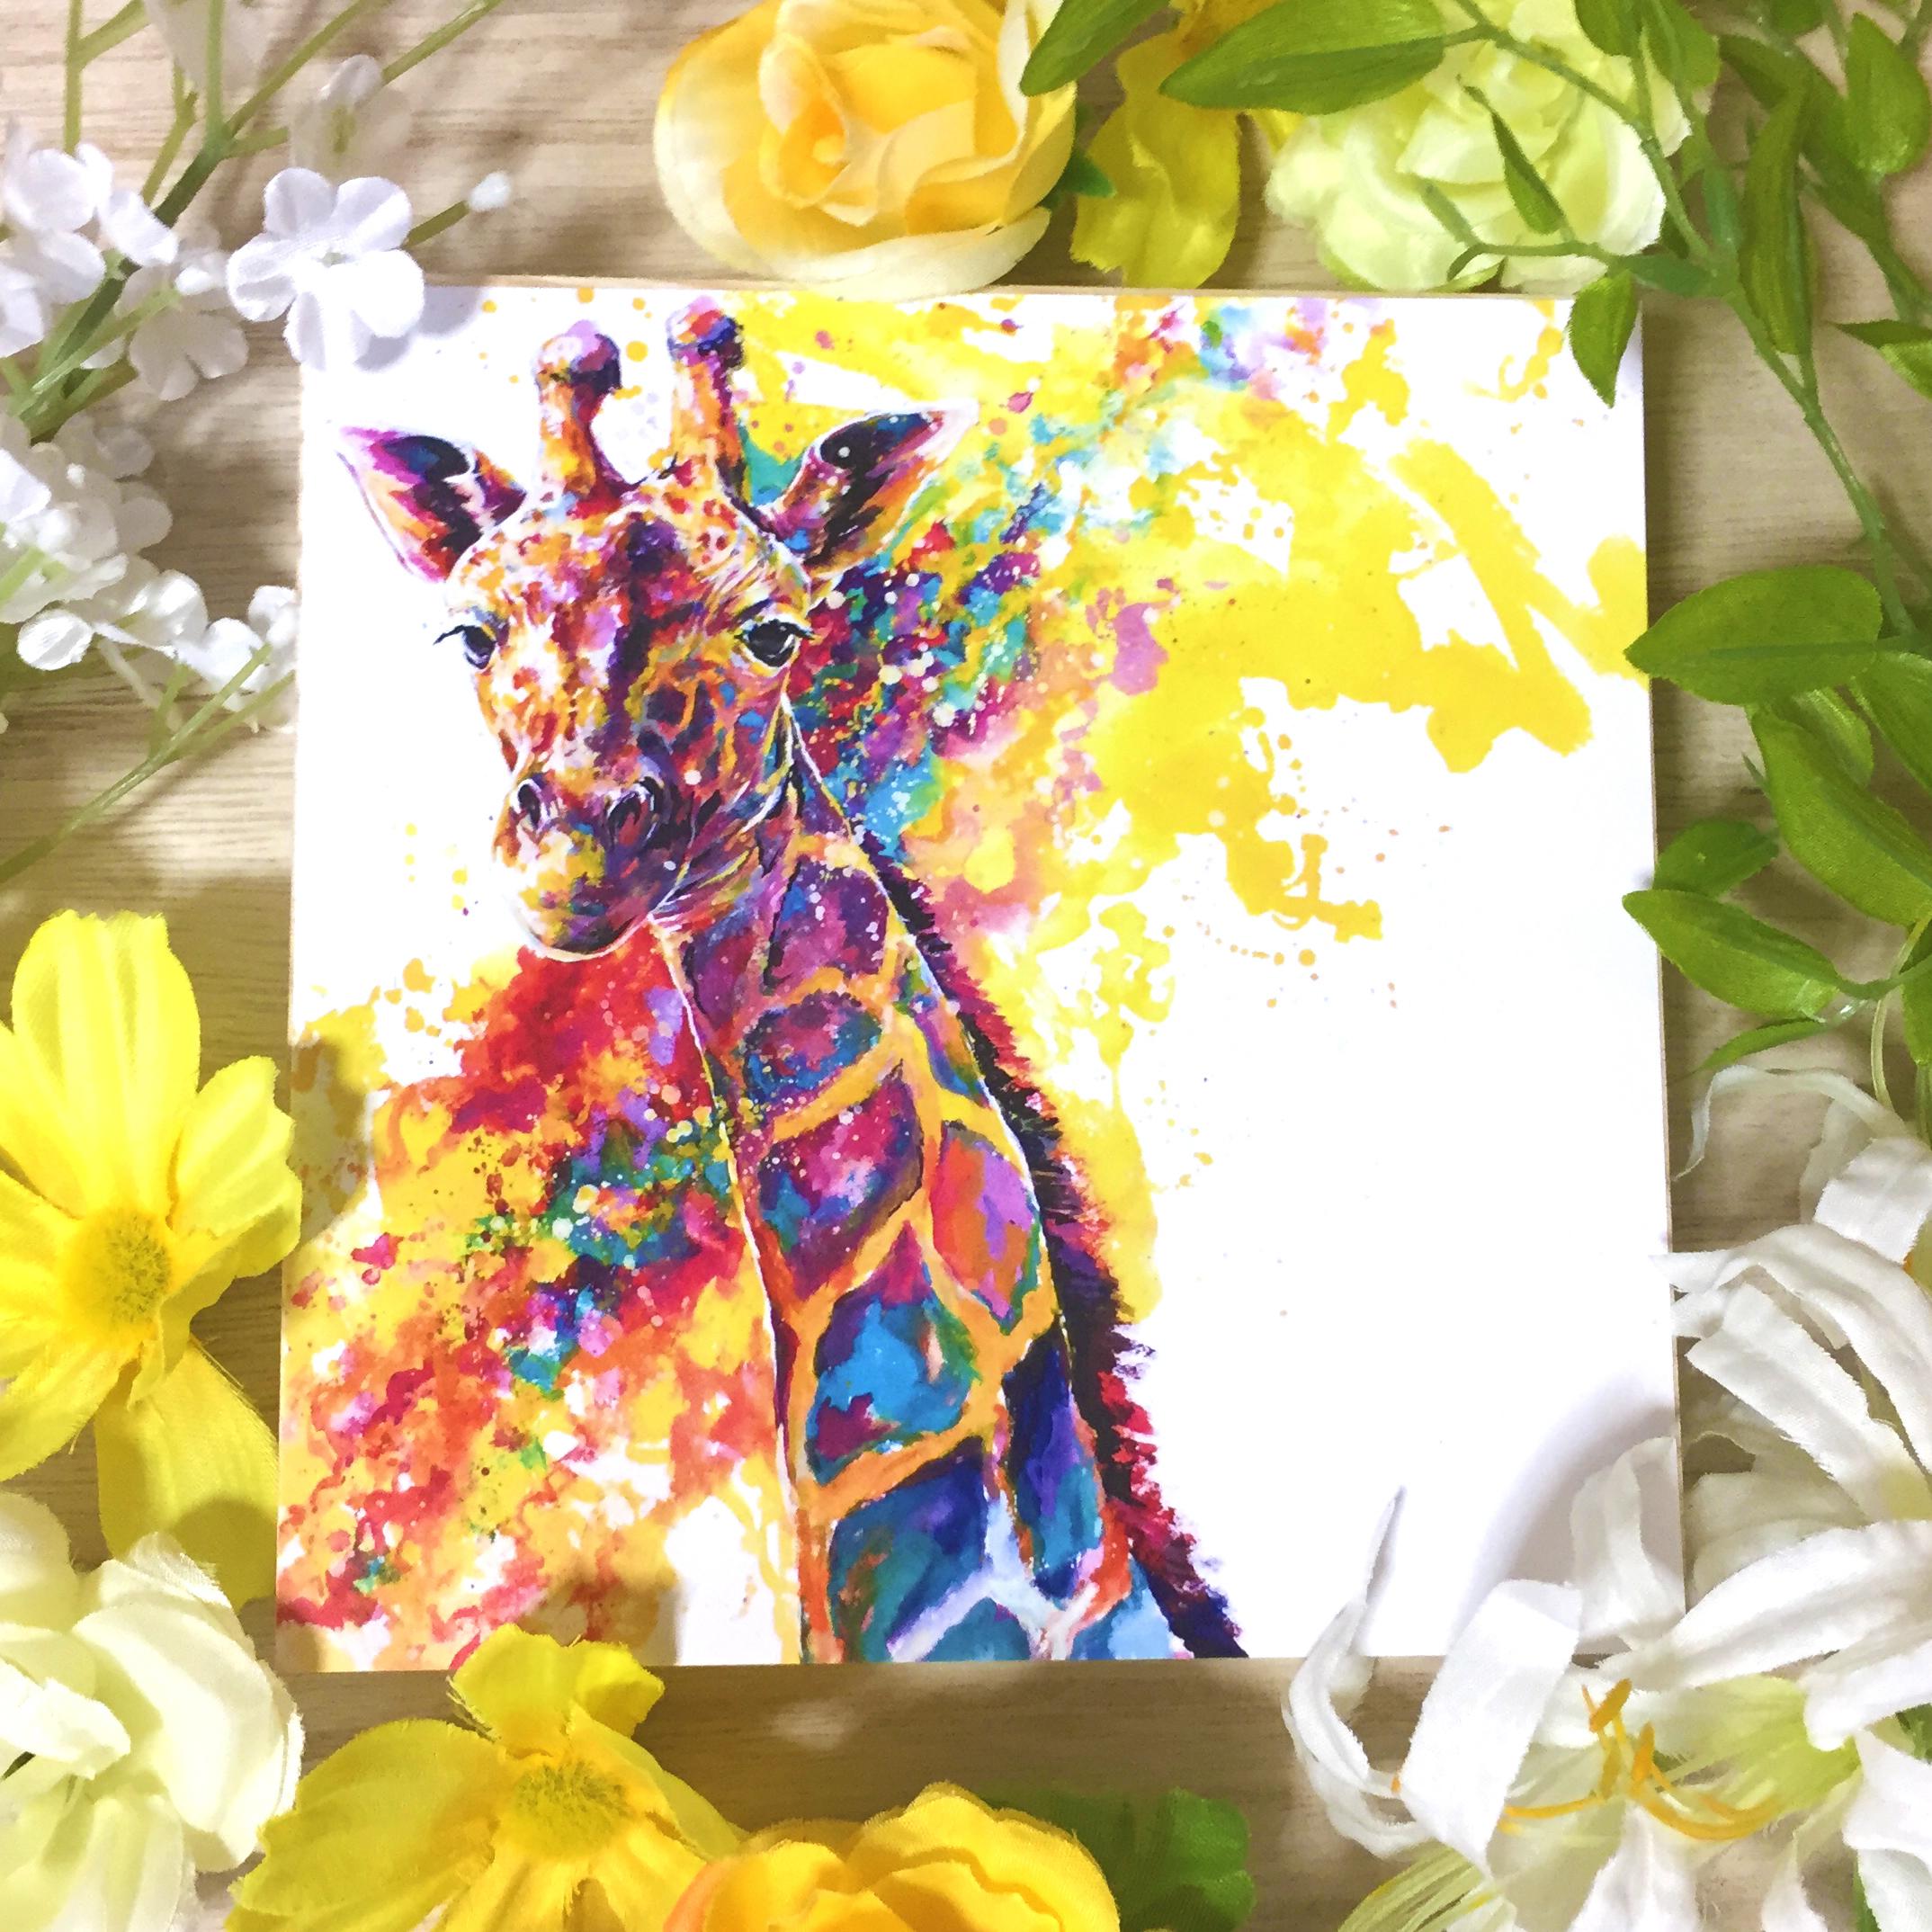 絵画 インテリア アートパネル 雑貨 壁掛け 置物 おしゃれ 水彩画 キリン 動物 ロココロ 画家 : 平田幸大 作品 : 本心の日差し